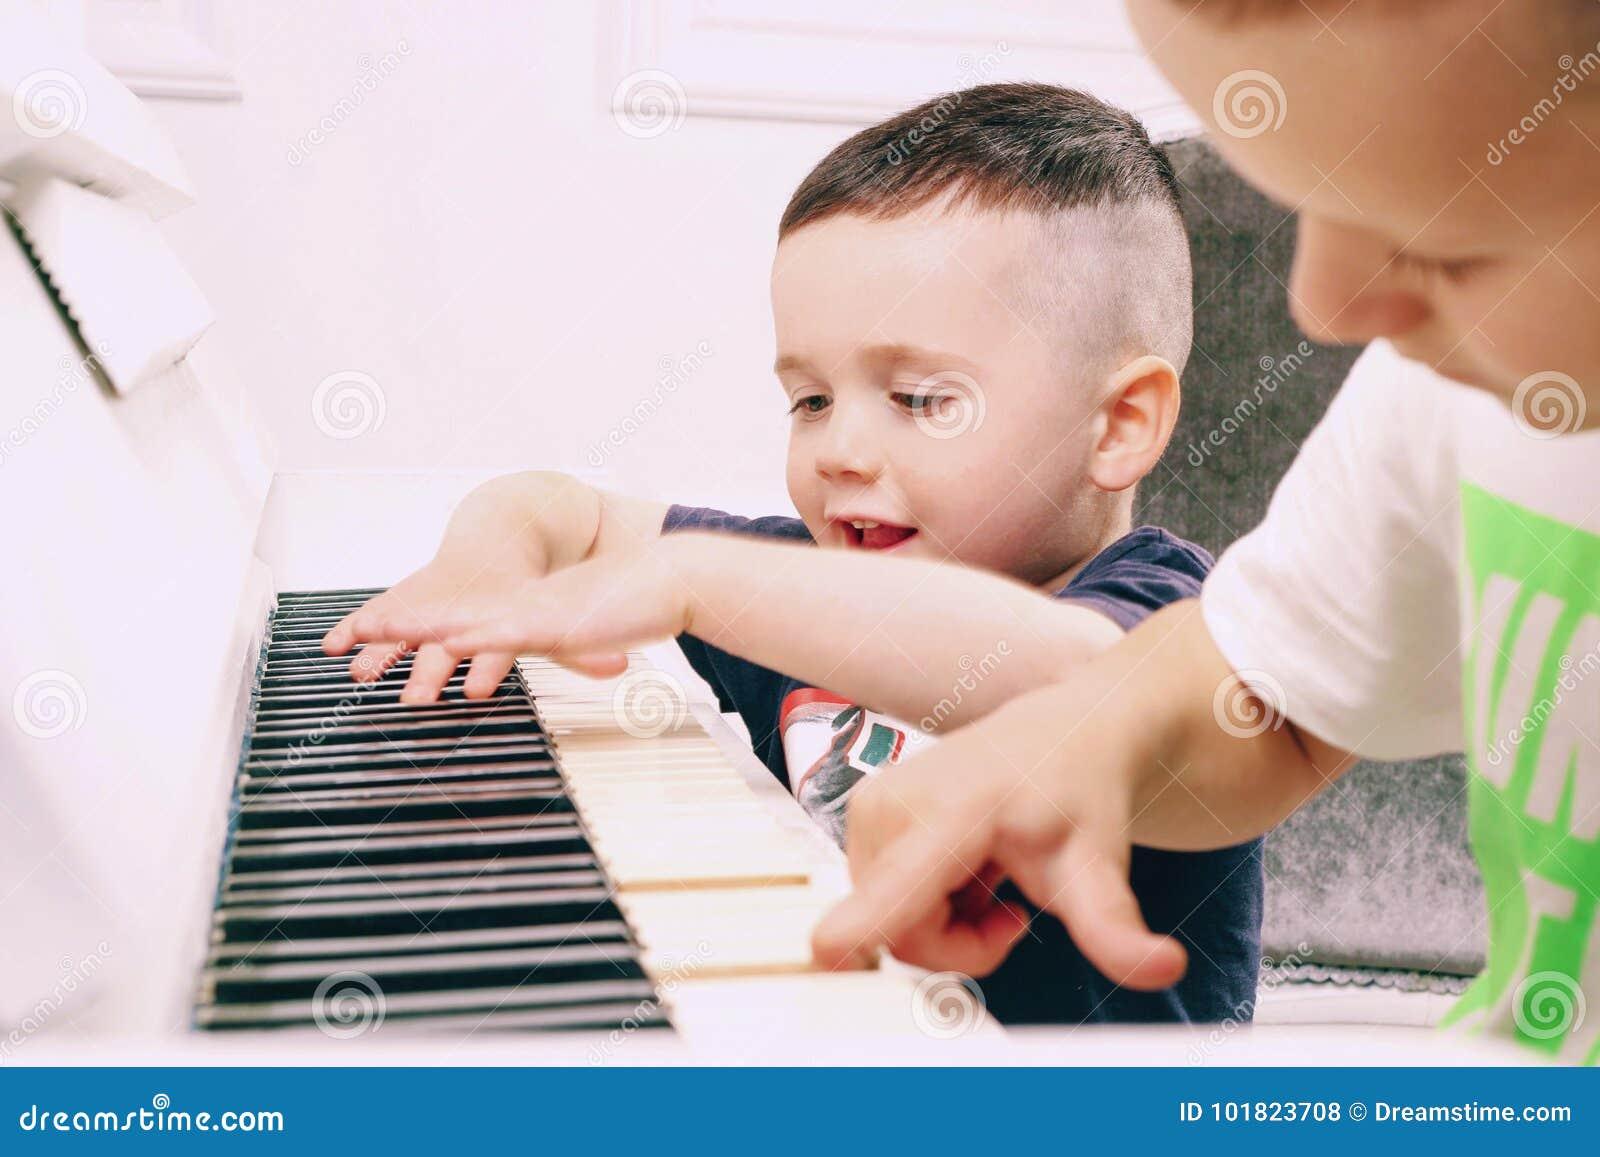 O menino joga o piano